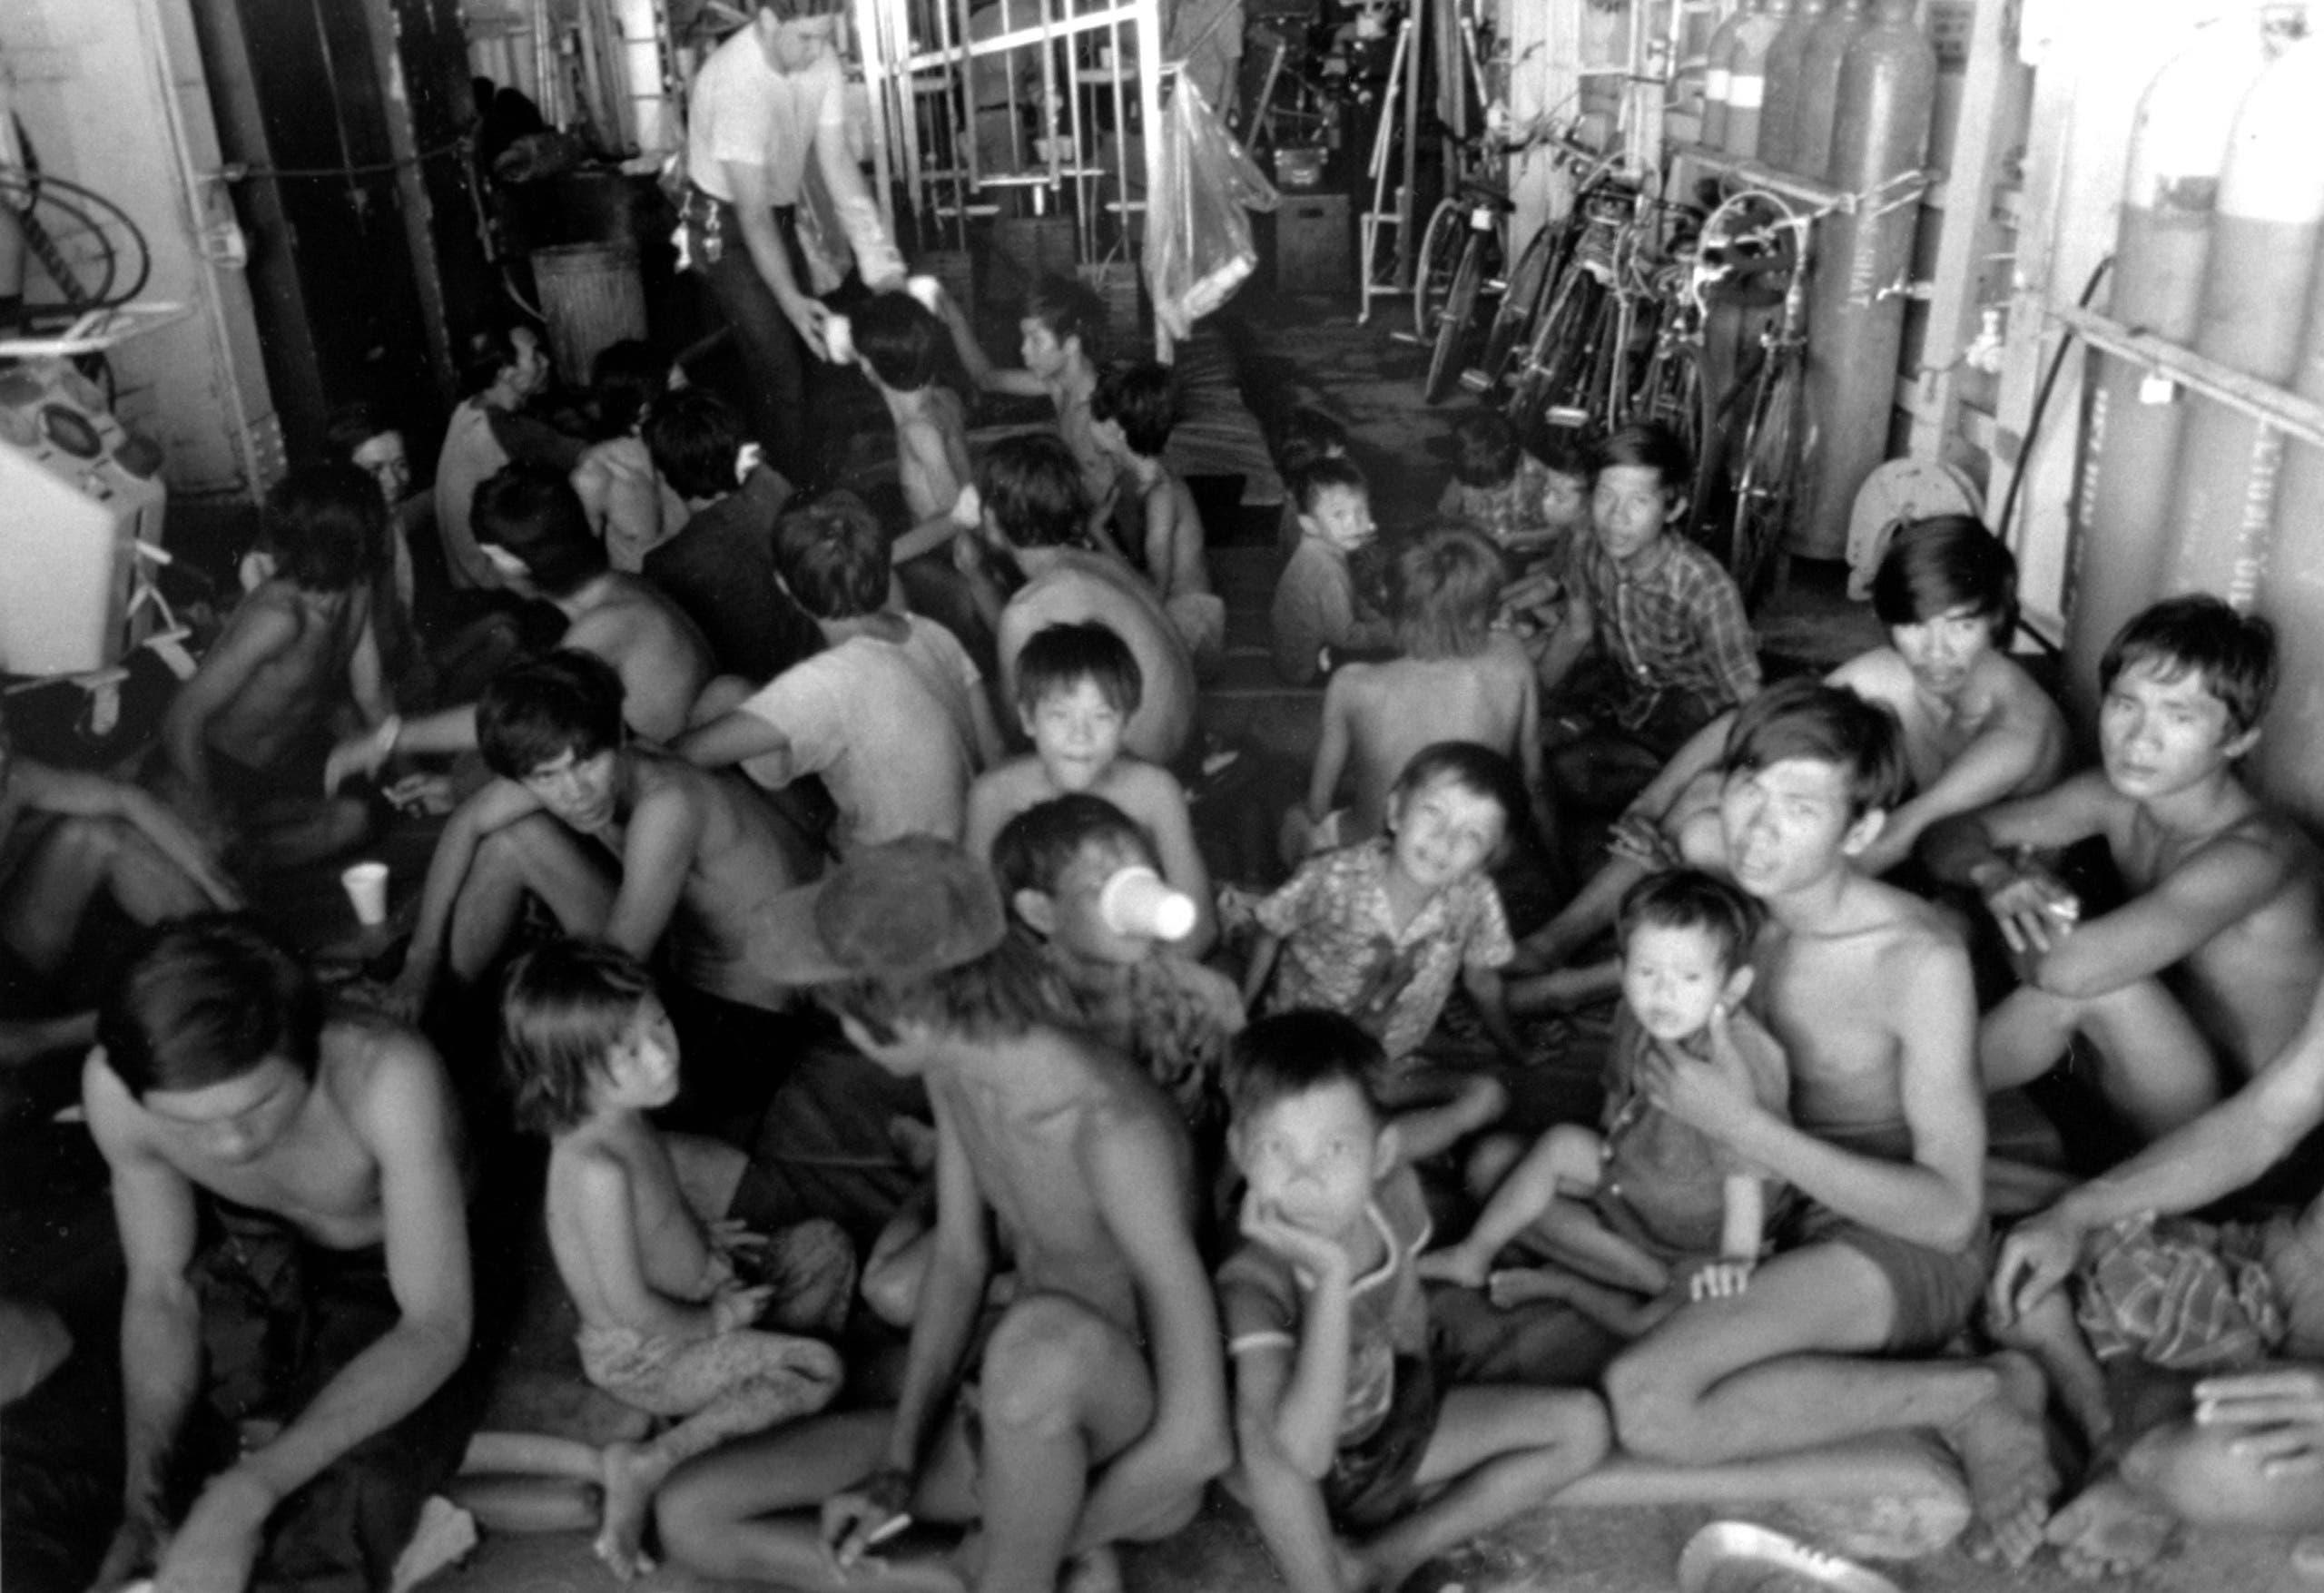 لاجئون فيتناميون عقب إنقاذهم من الغرق